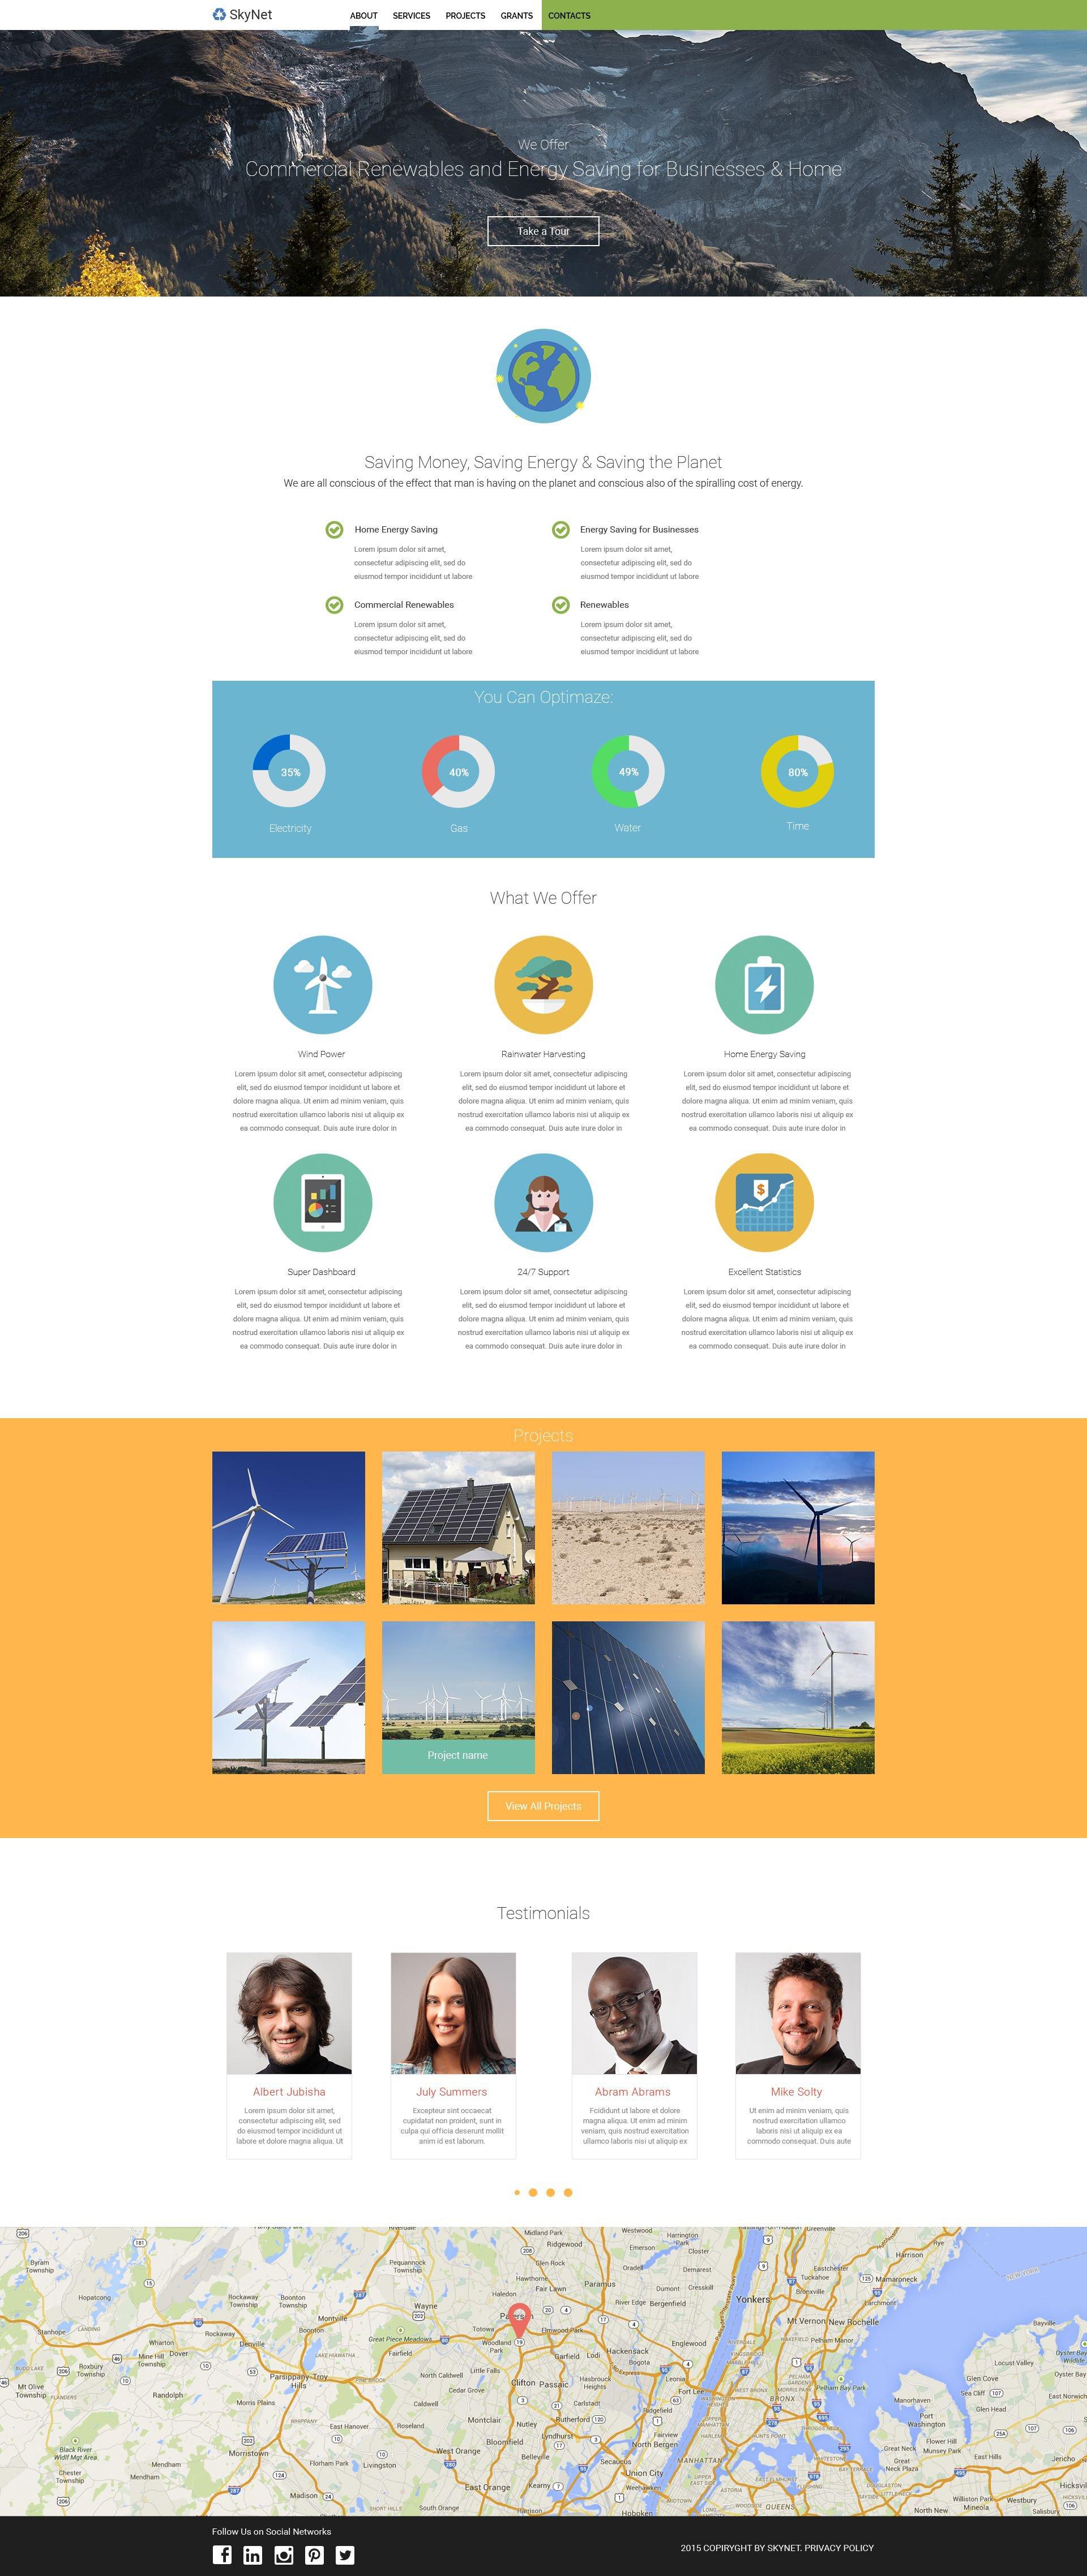 SkyNet Website Template - screenshot